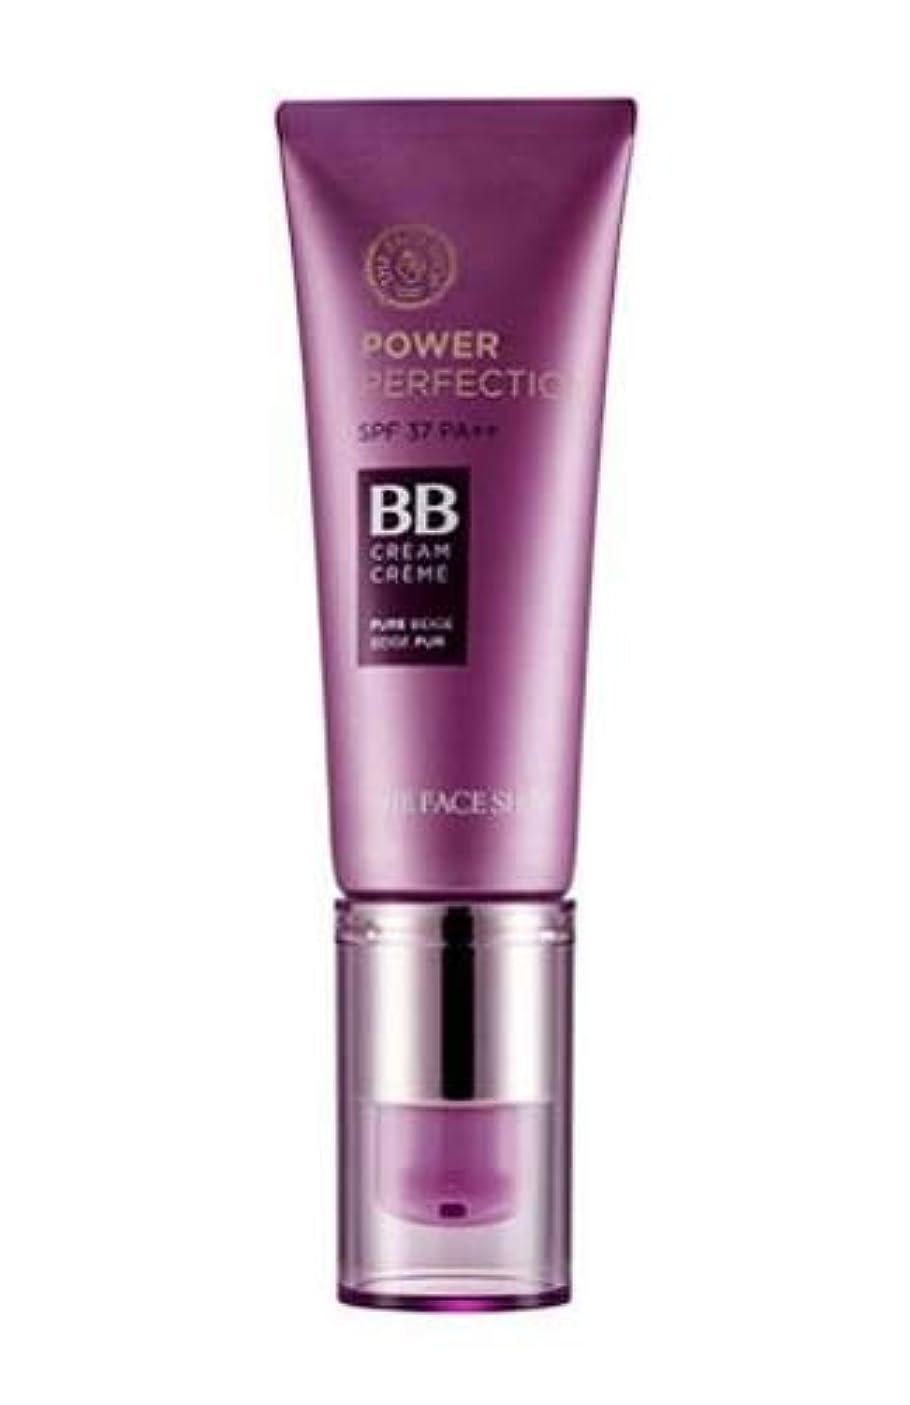 窓表示便益[ザ?フェイスショップ] THE FACE SHOP [パワー パーフェクションBBクリーム 20g] Power Perfection BB Cream SPF37PA++ (V203 - Natural Beige)